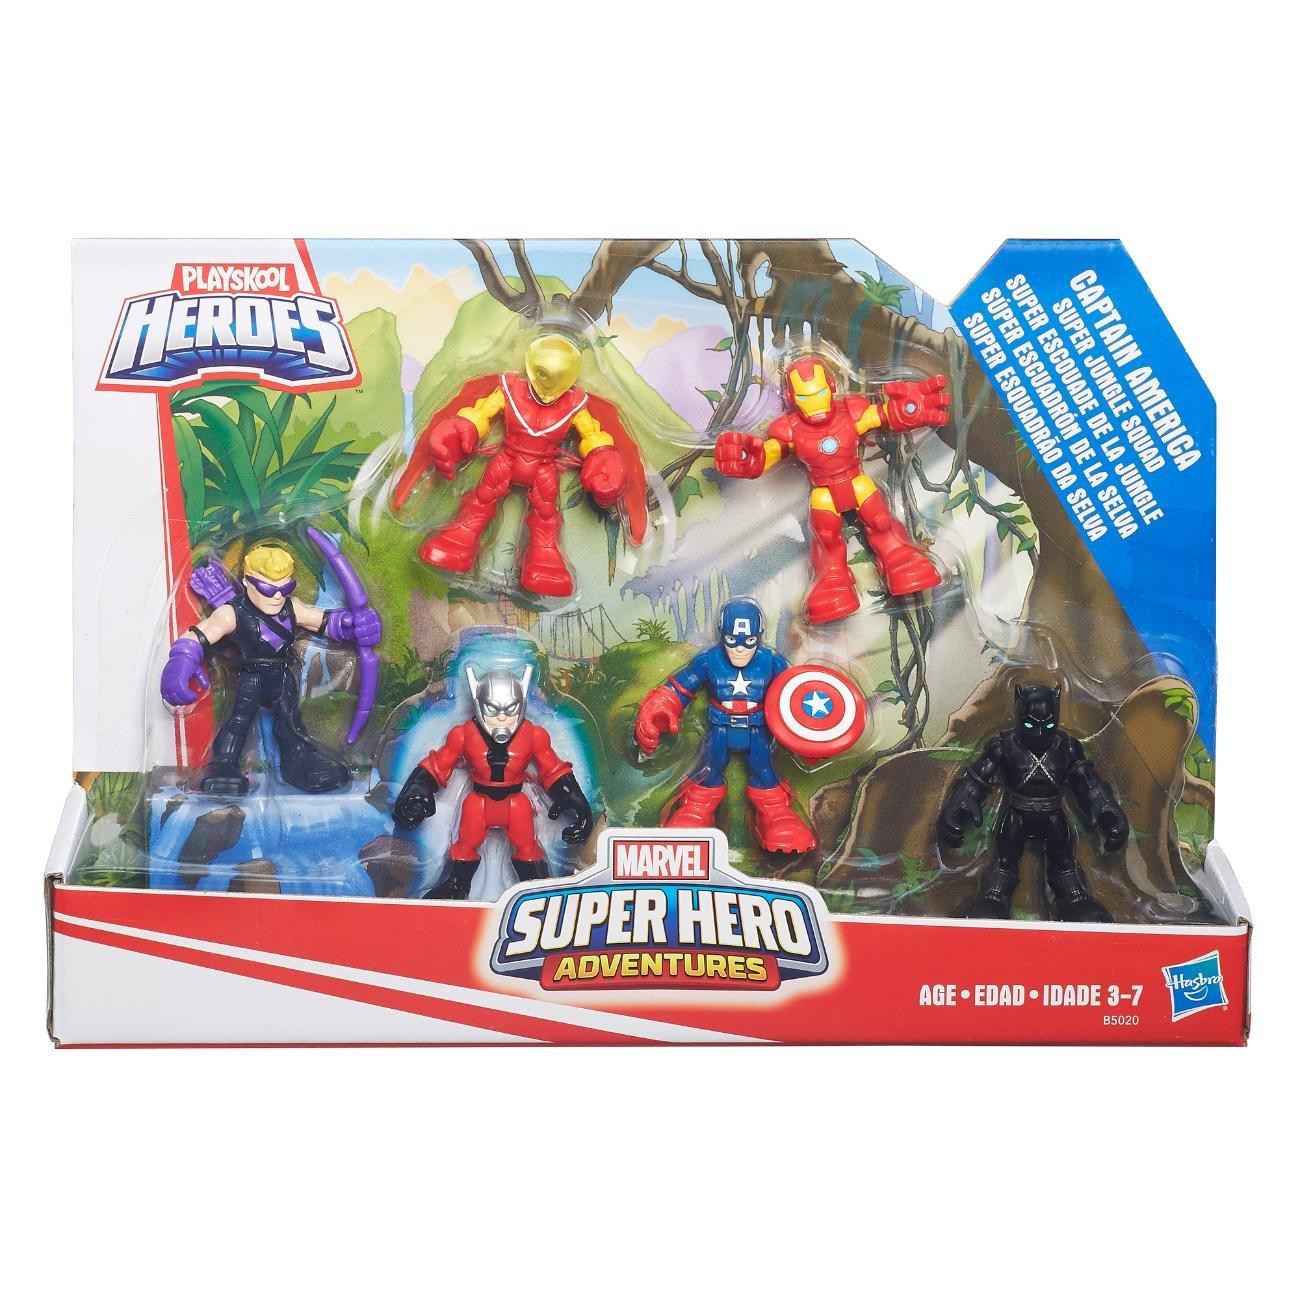 Mini Figuras Playskool Heroes Marvel Super Hero Adventure Capitão América Esquadrão da Selva Hasbro